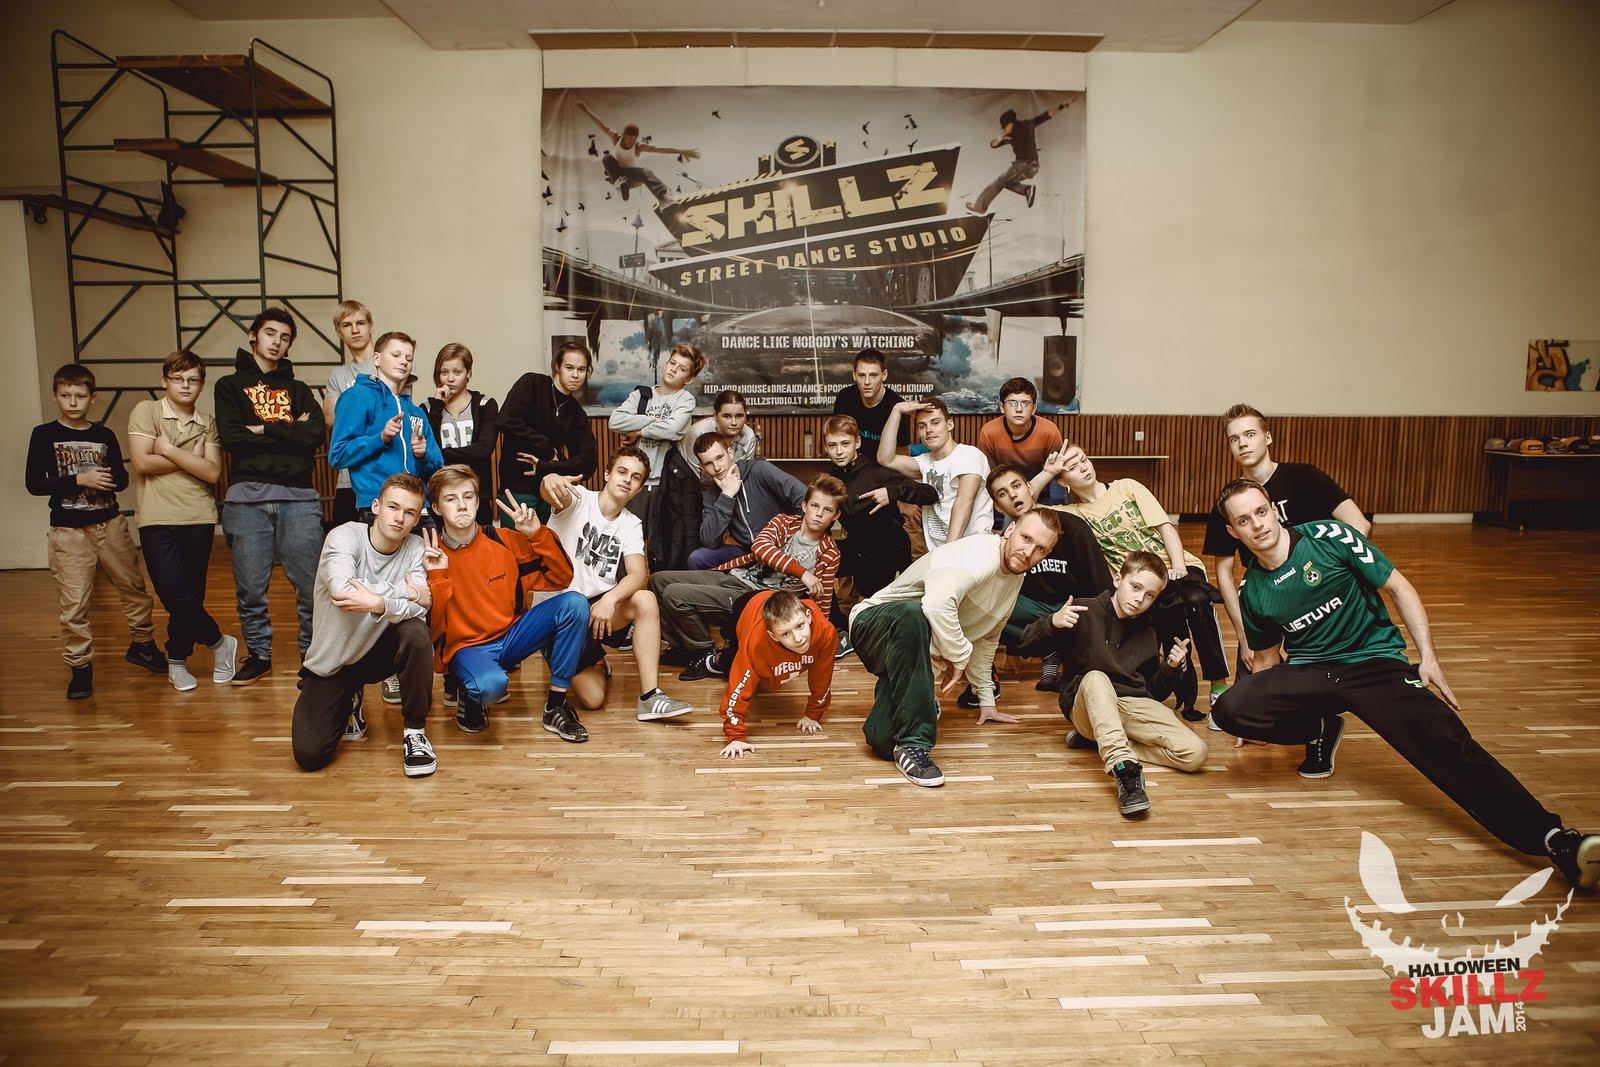 Šokių seminarai su Bouboo, Kaczorex, Tanya, Marek - a_MG_6579.jpg